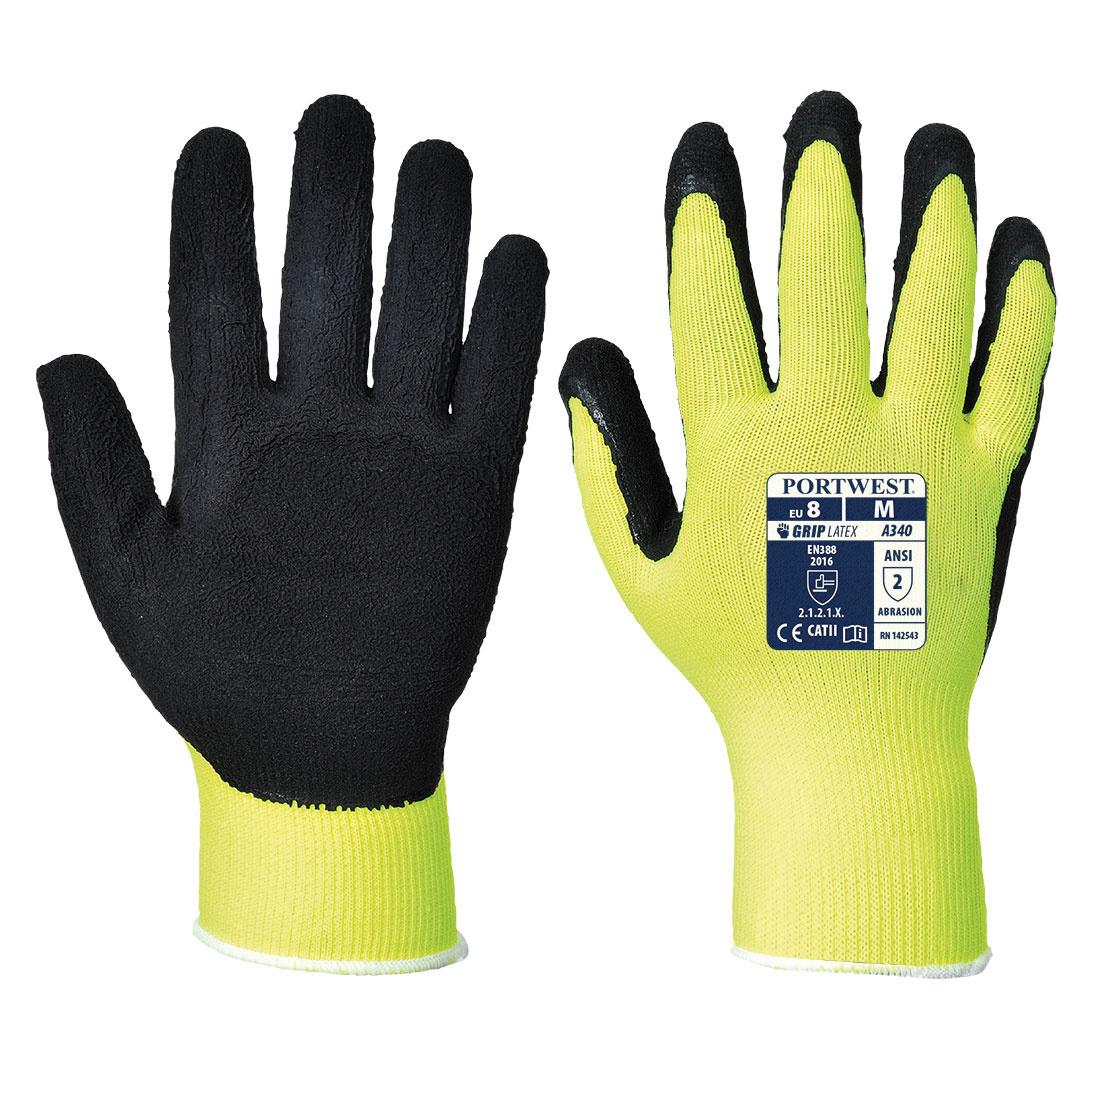 Handschoenen voor algemeen gebruik